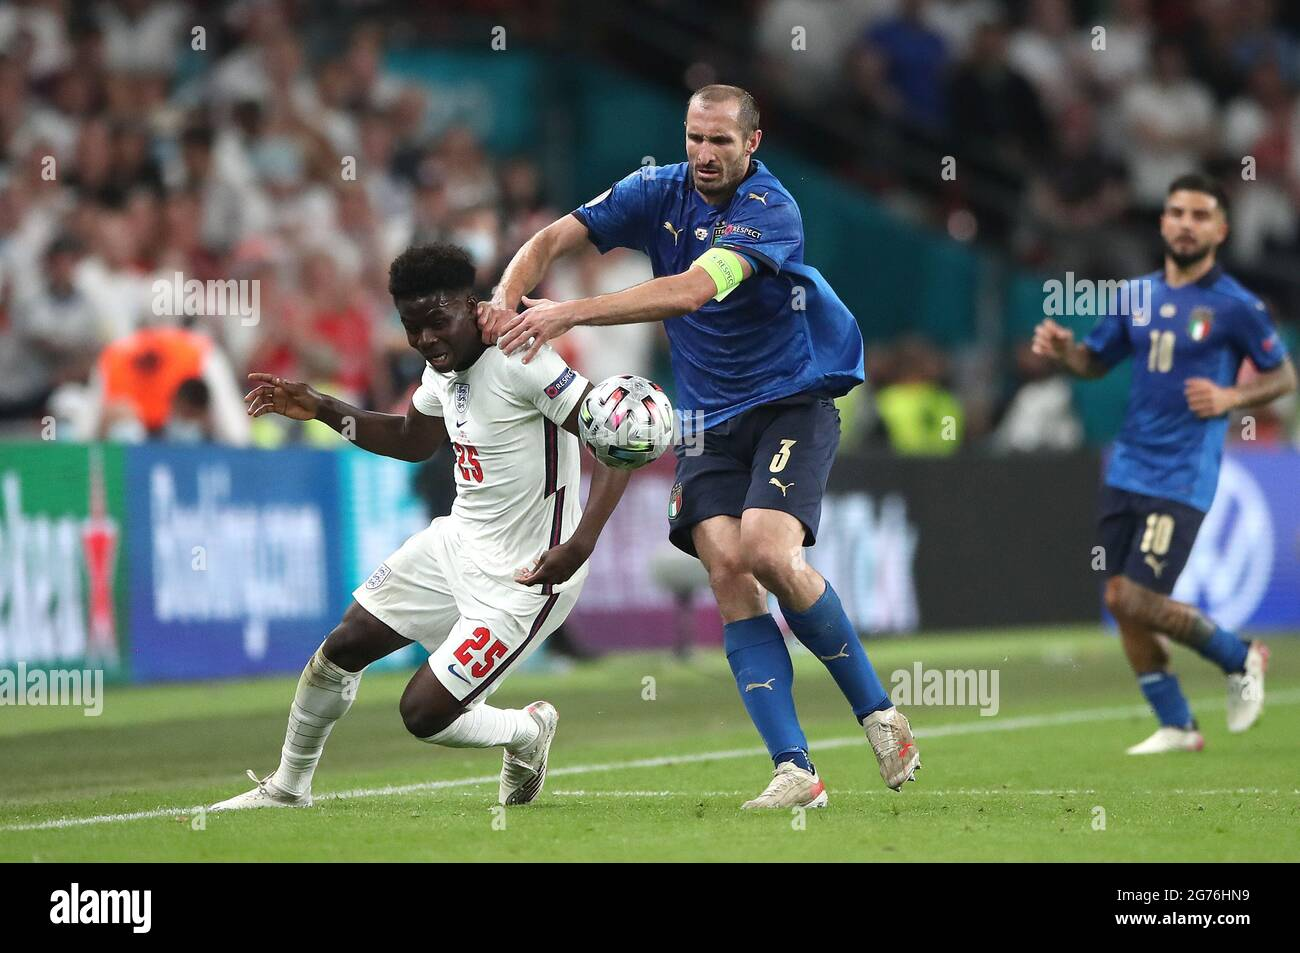 Giorgio Chiellini in Italia tira indietro Bukayo Saka in Inghilterra durante la finale UEFA Euro 2020 allo stadio Wembley di Londra. Data immagine: Domenica 11 luglio 2021. Foto Stock